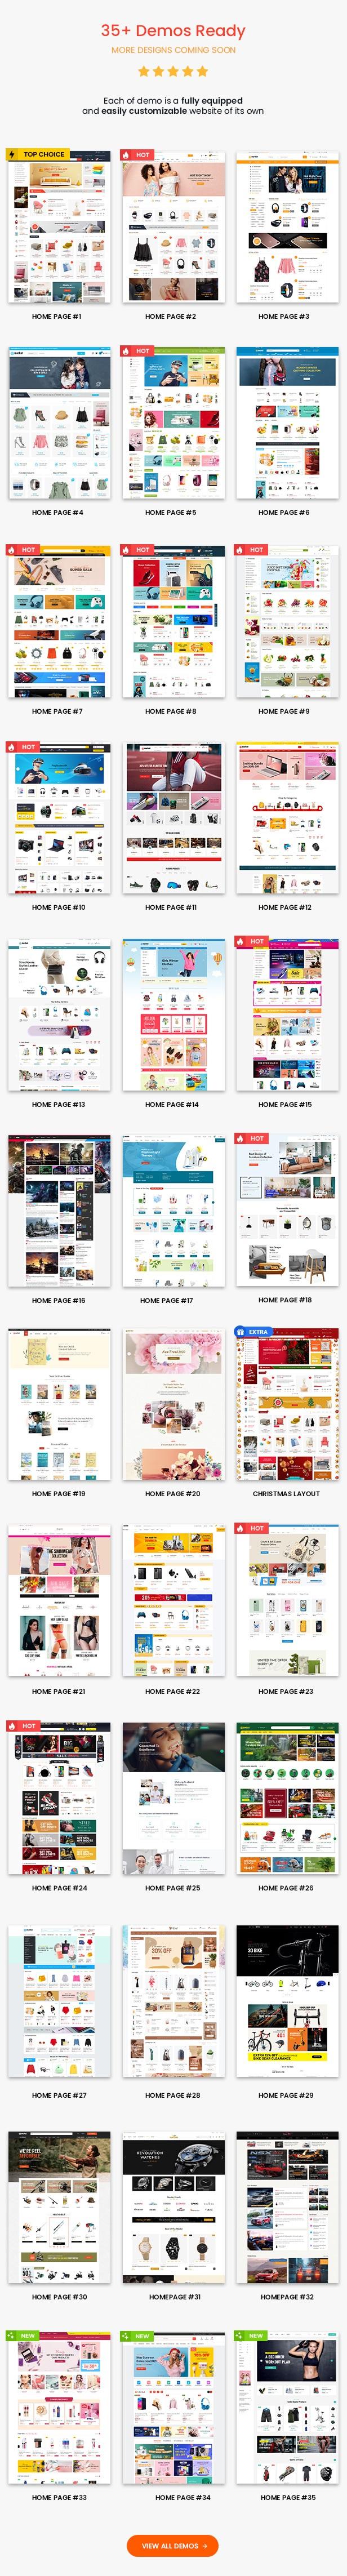 eMarket - موضوع MarketPlace متعدد البائعين وورد - سمة WooCommerce